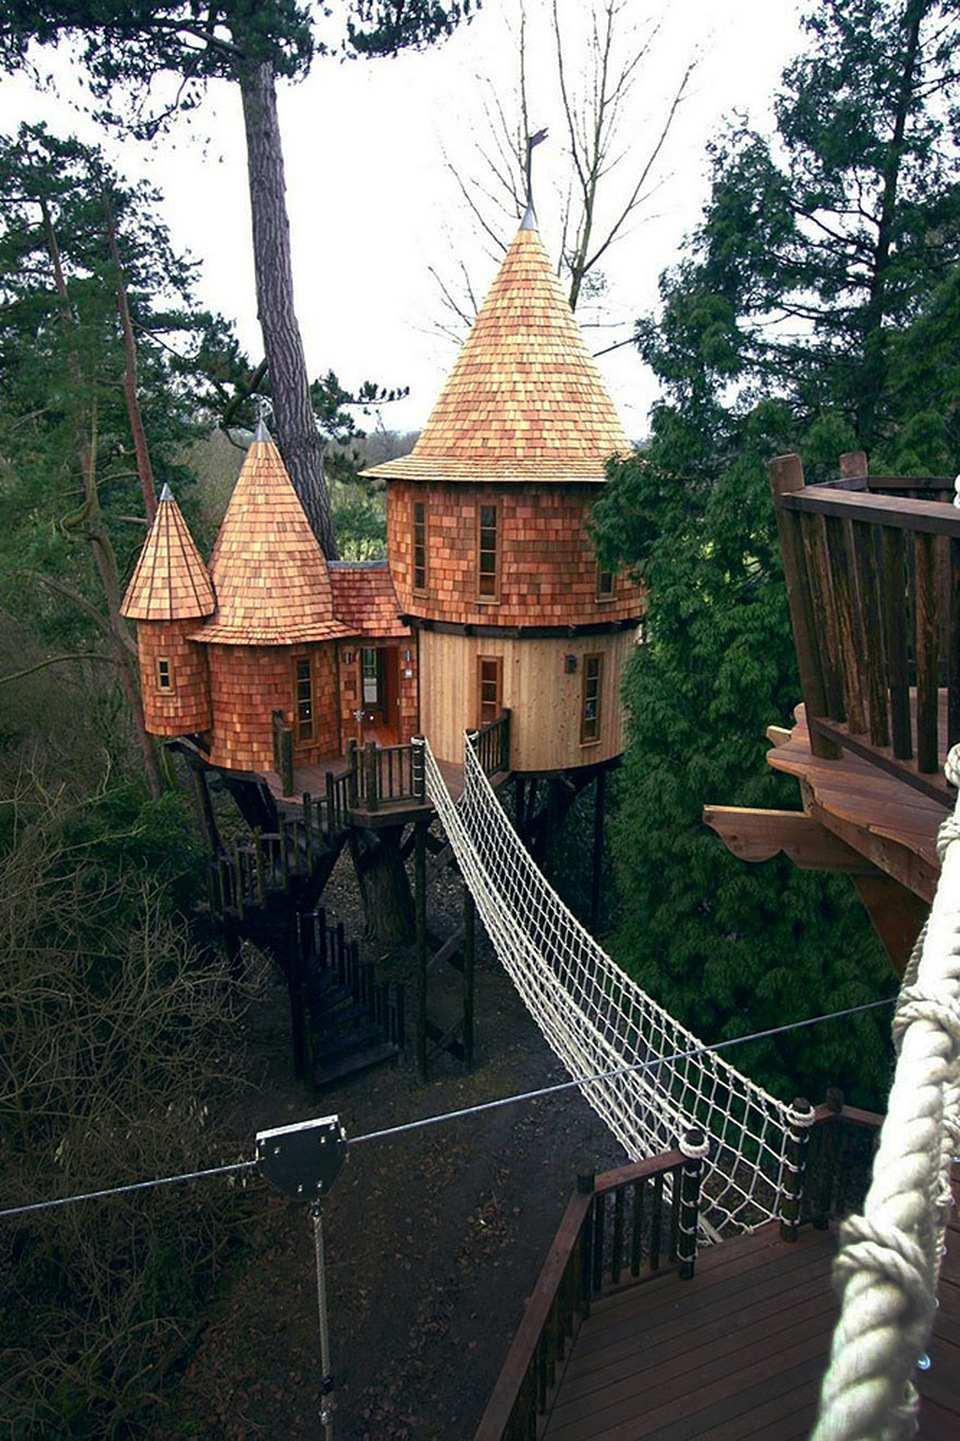 Living the Highlife Tree House (Anh) ngôi nhà trên cây này giống như một lâu đài với vẻ đẹp độc đáo.